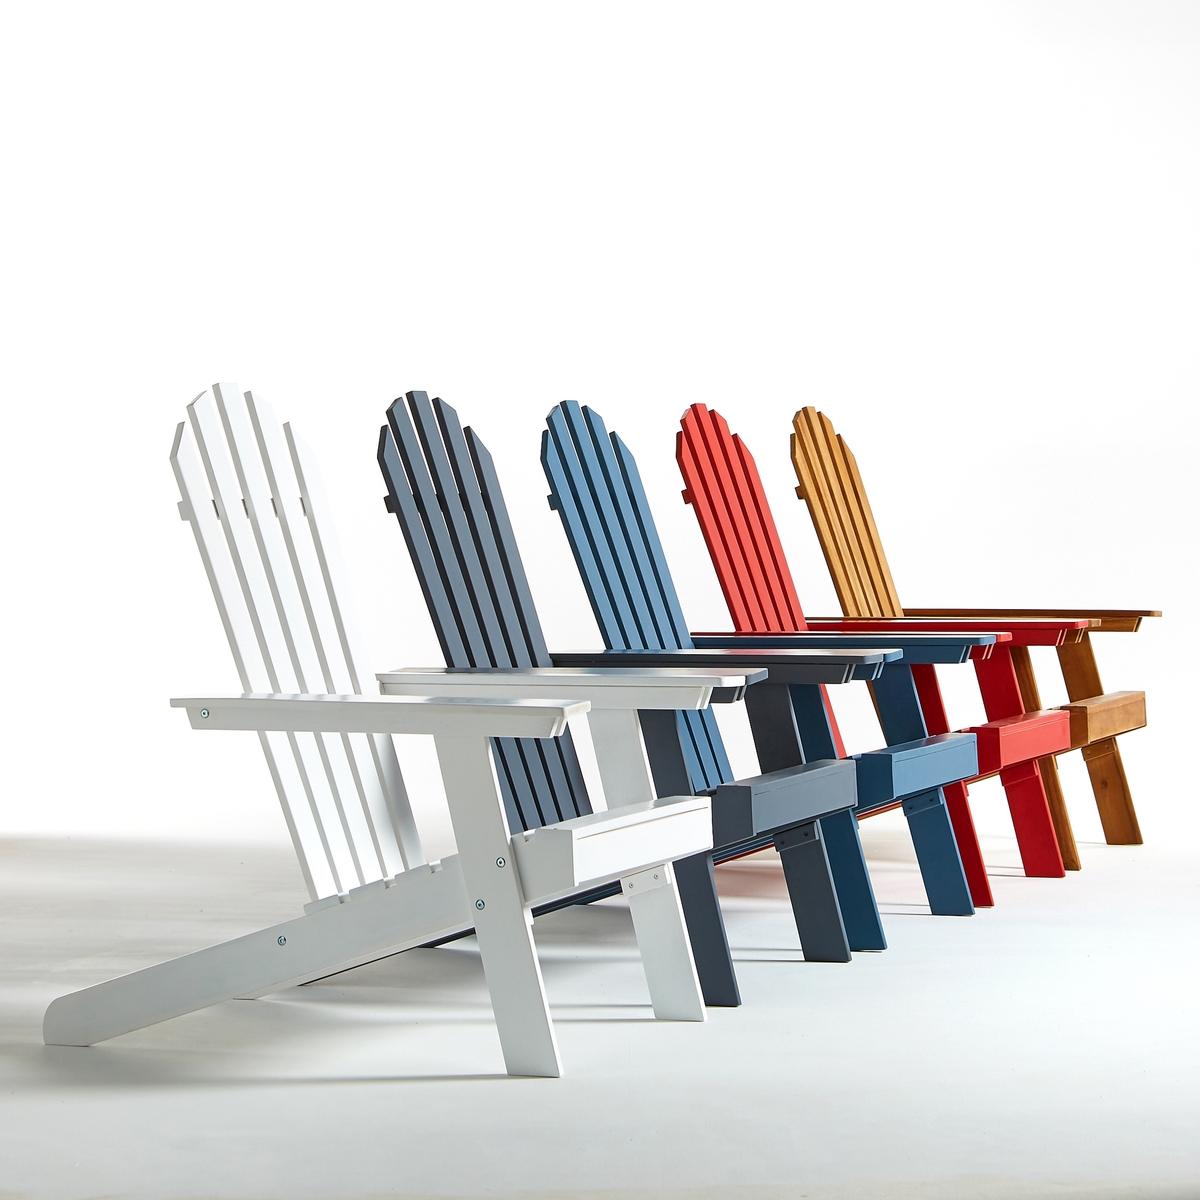 Стильное садовое кресло Adirondack, 3 положения, гамма  Zeda adirondack cuisine